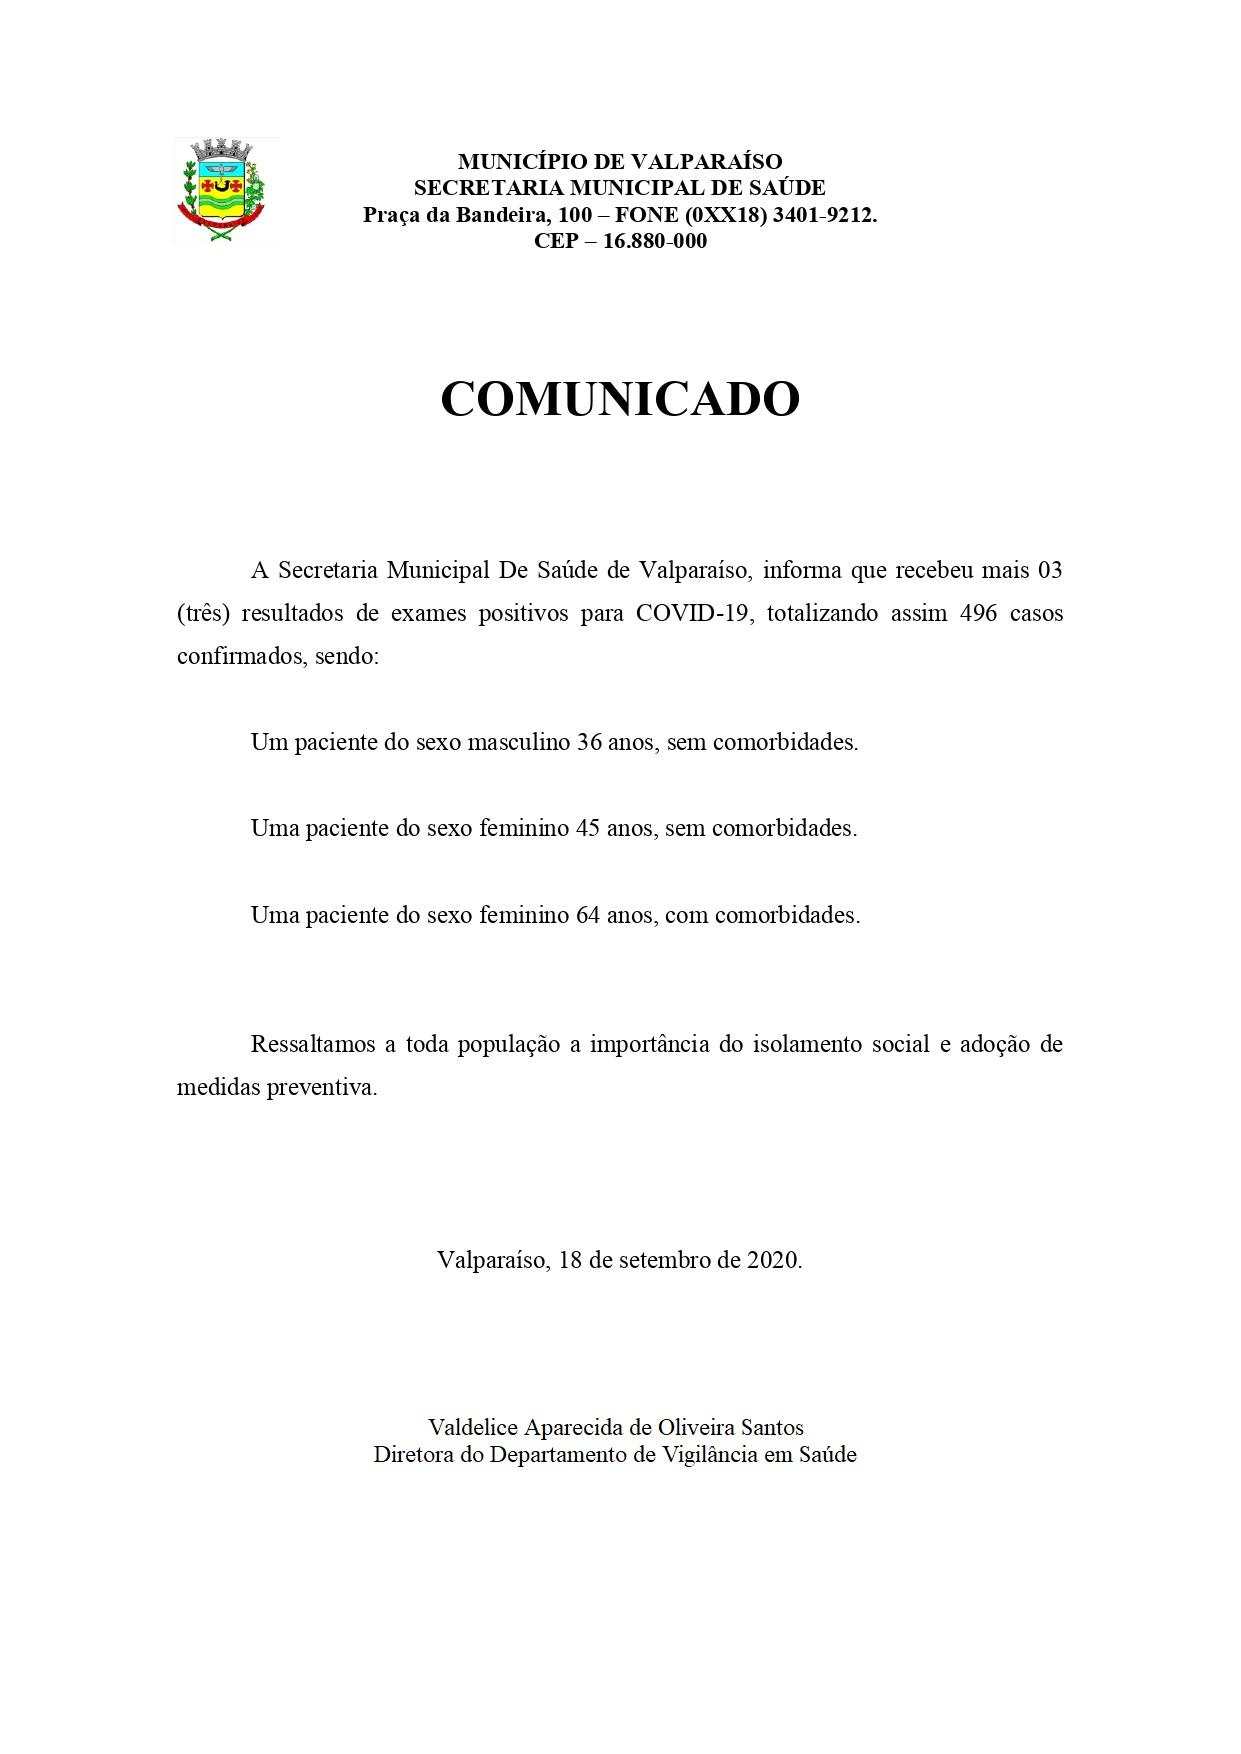 covid496